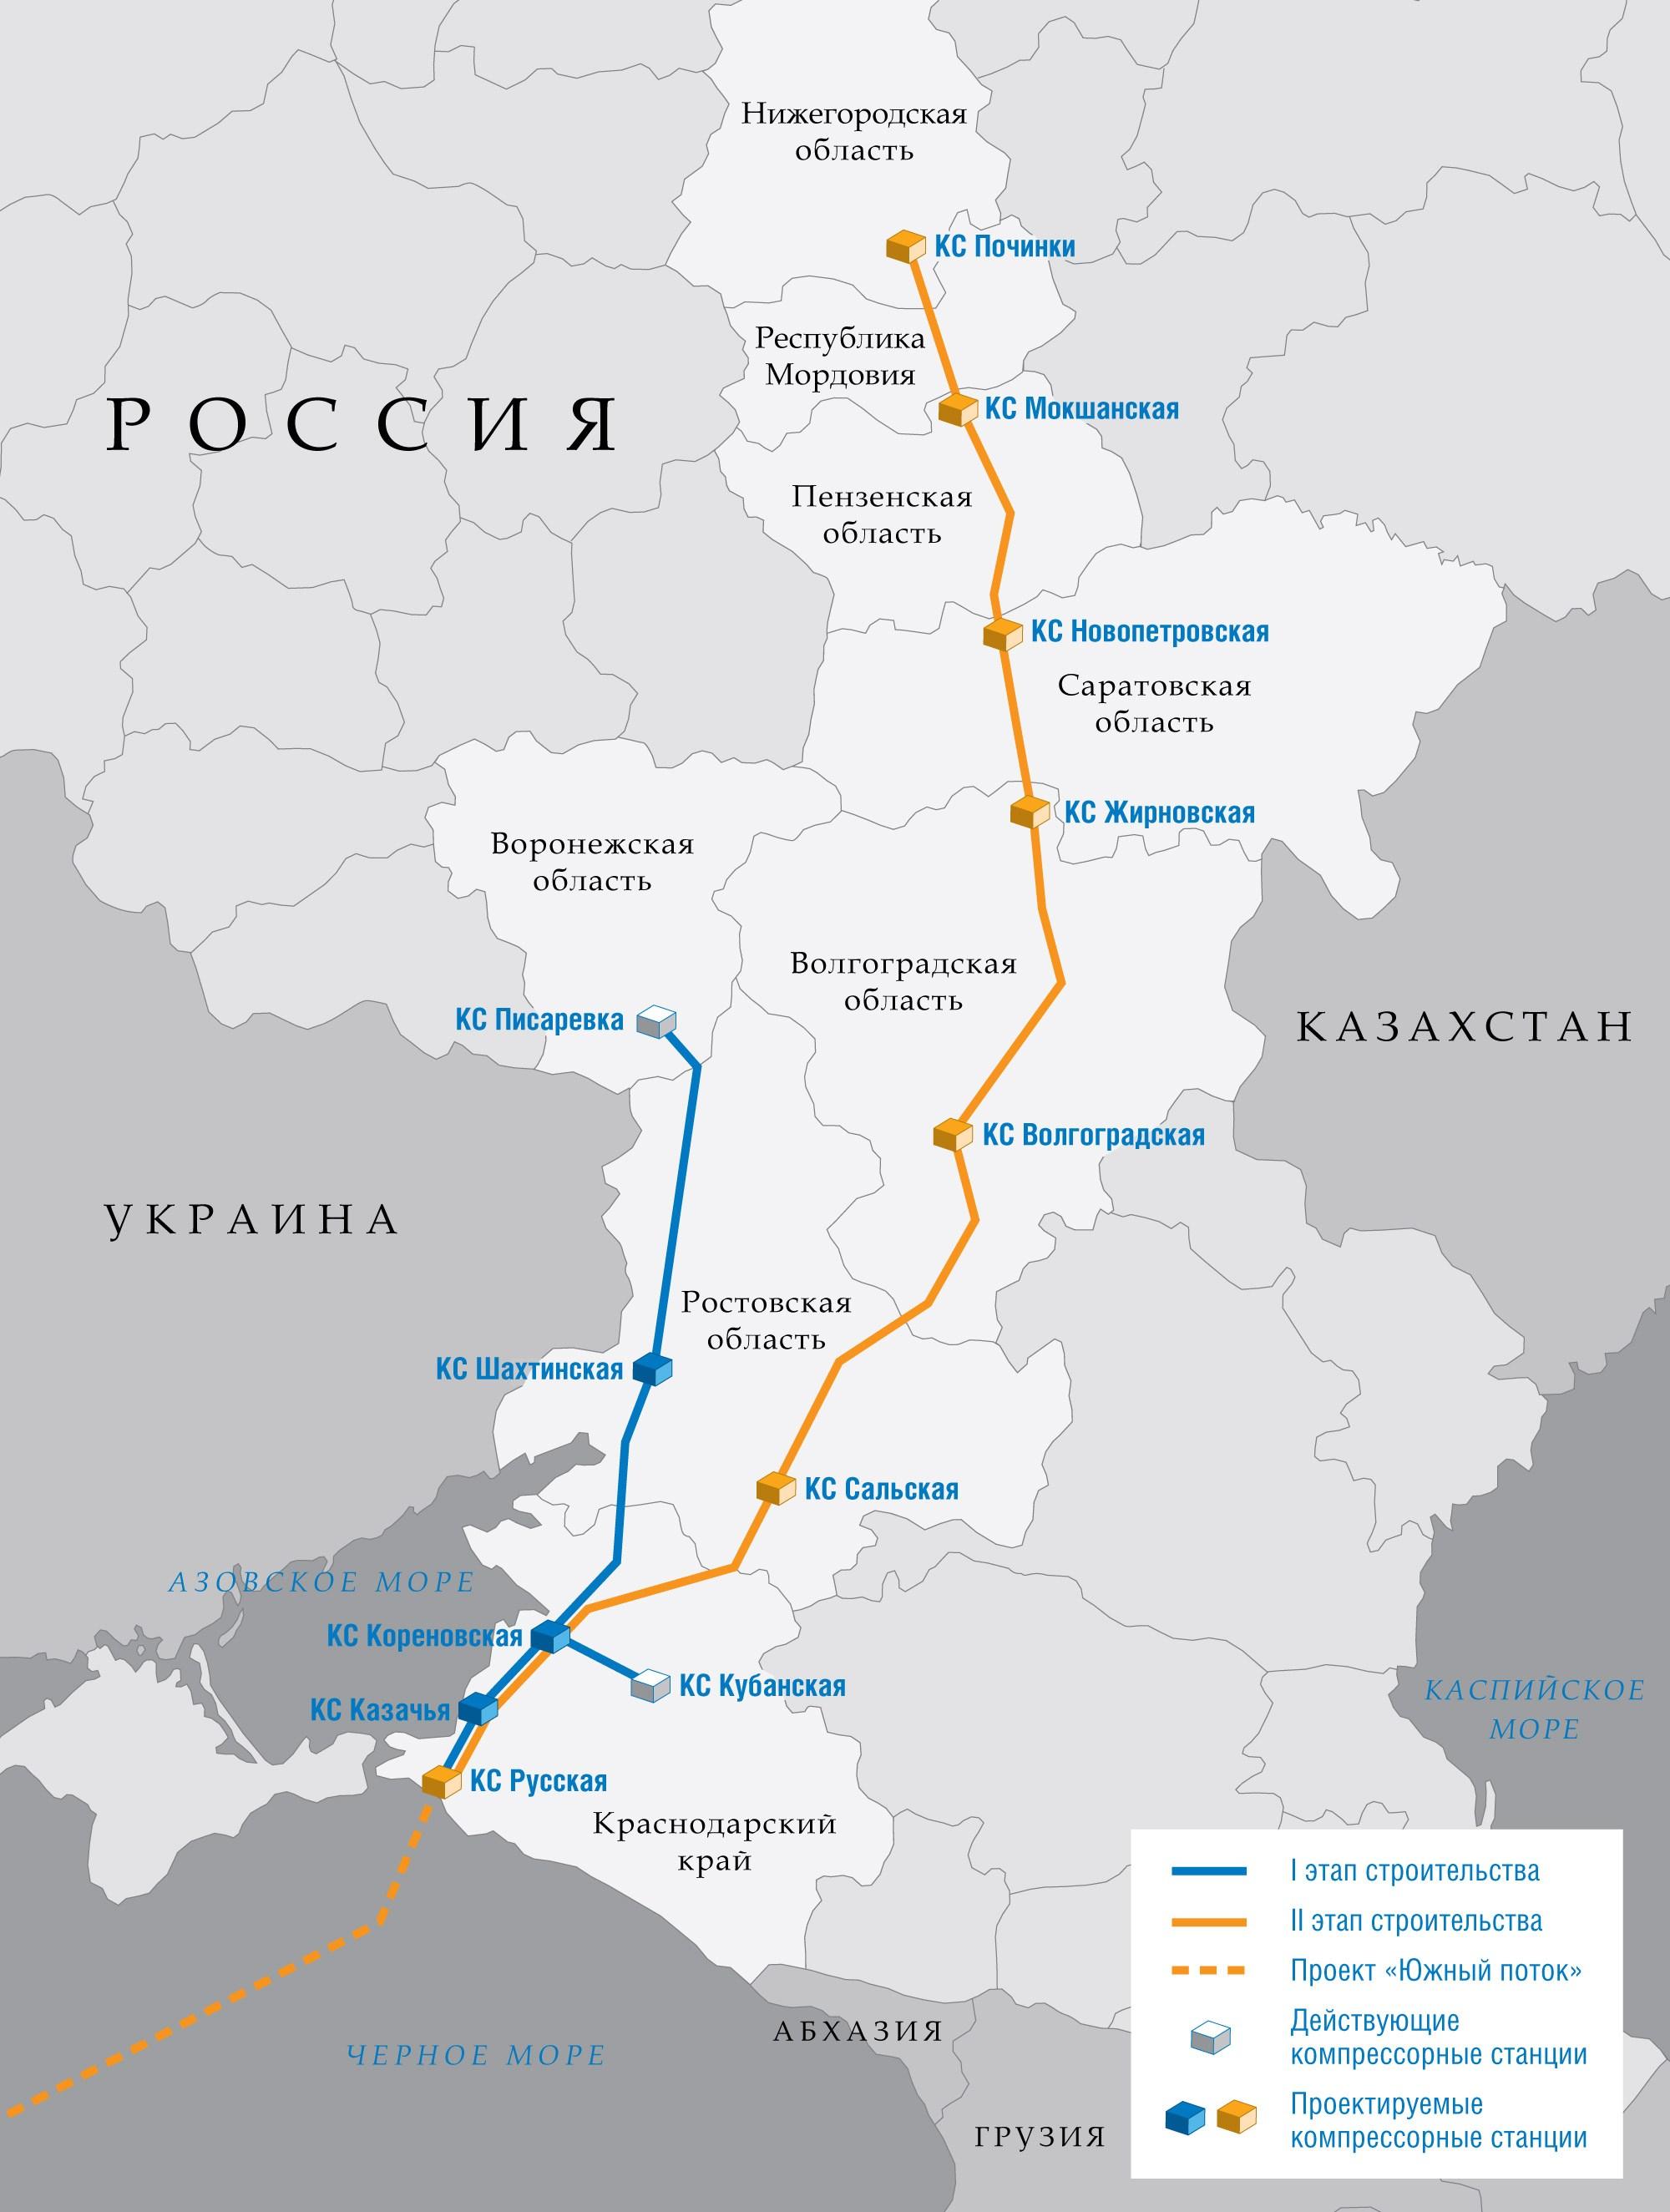 """""""Південний потік"""": """"Газпром"""" даремно """"зарив у землю"""" майже $300 млн - фото 1"""